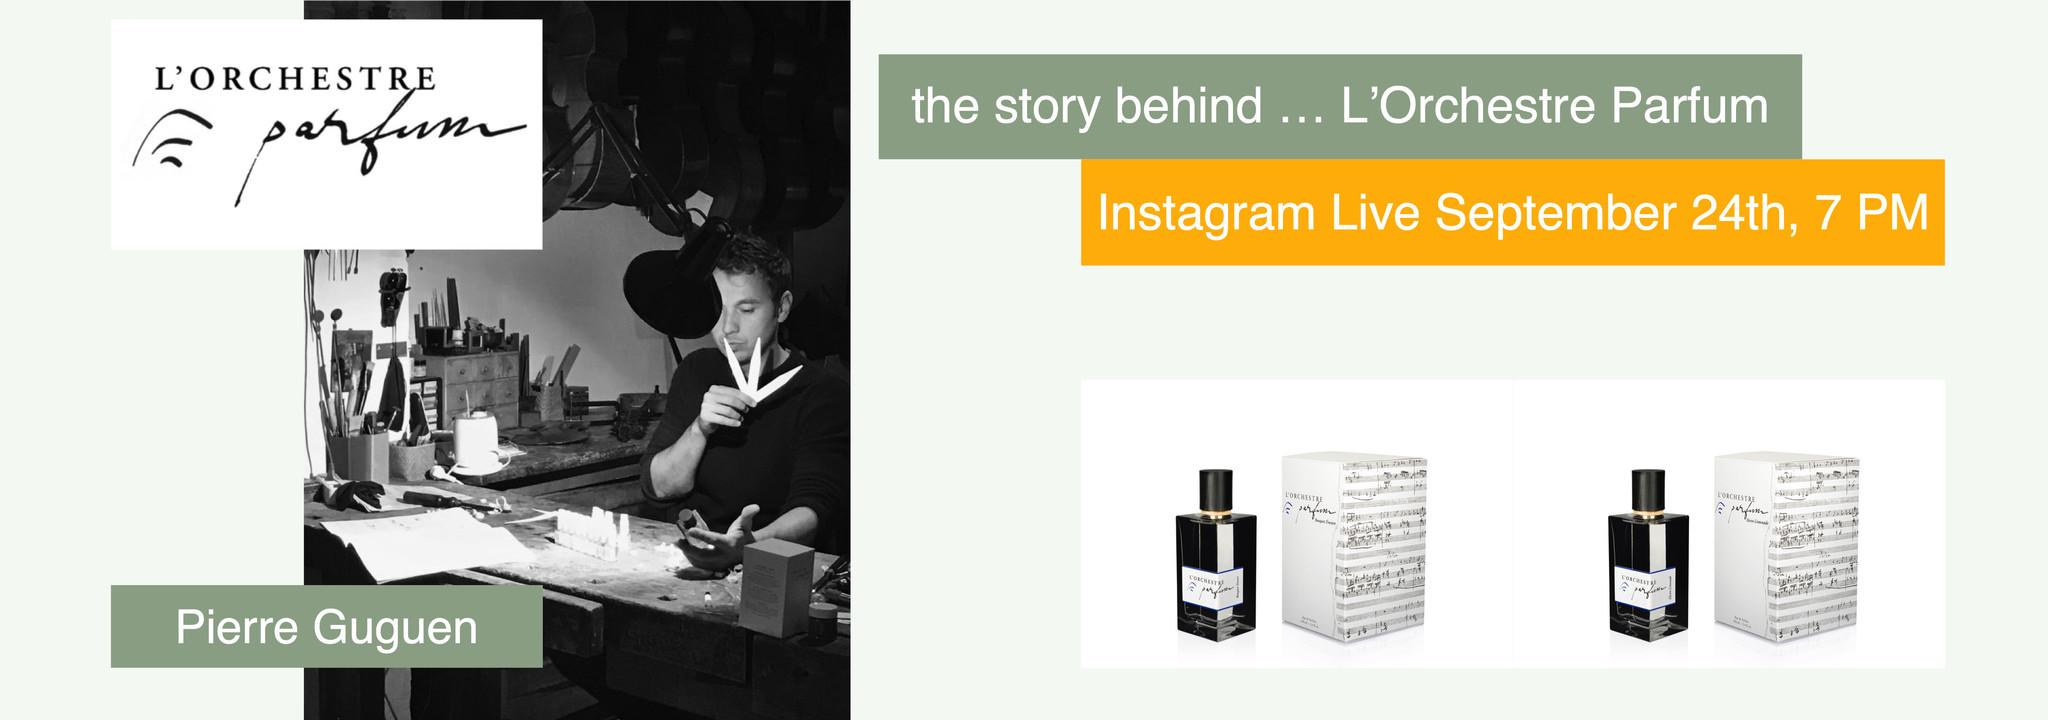 L'histoire derrière ... L'Orchestre Parfum